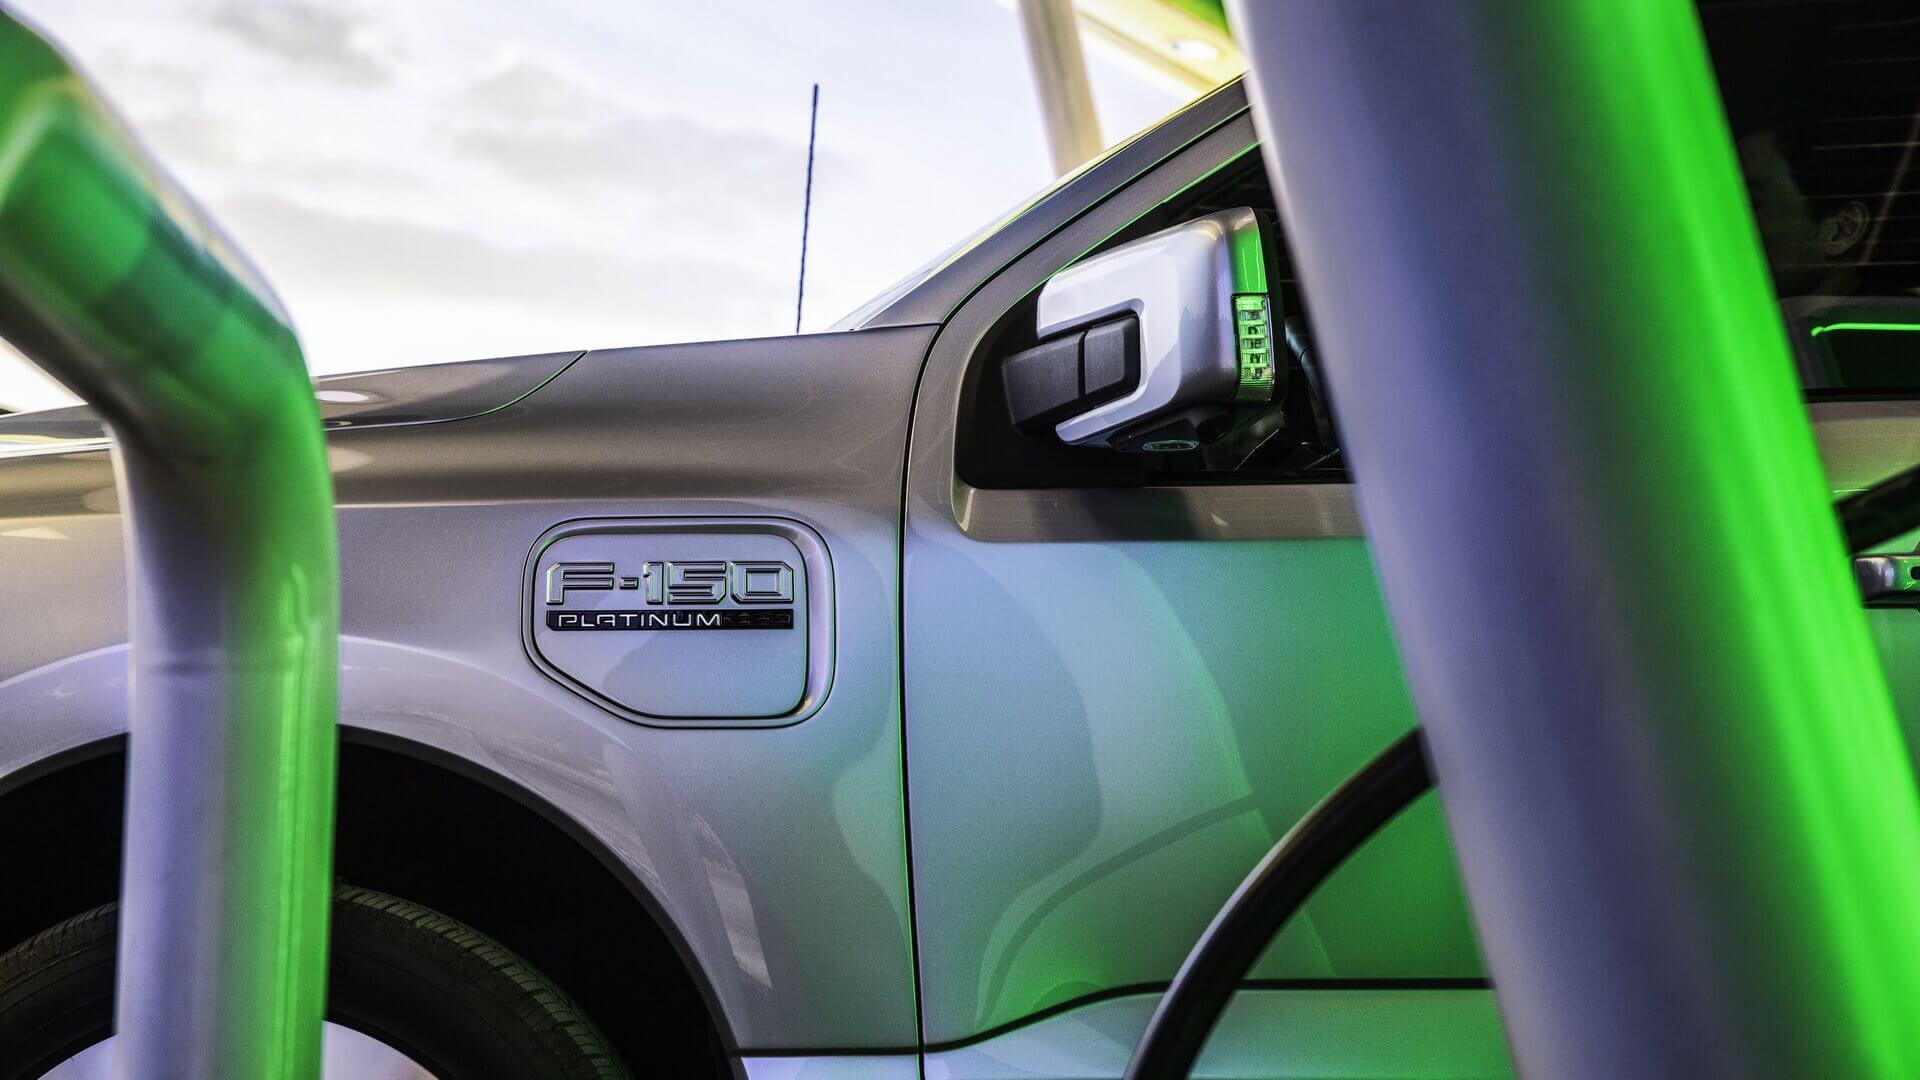 Электрический пикап Ford F-150 Lightnin может комплектоваться бортовым зарядным устройством переменного тона на 32 А, 48 А и 80 А